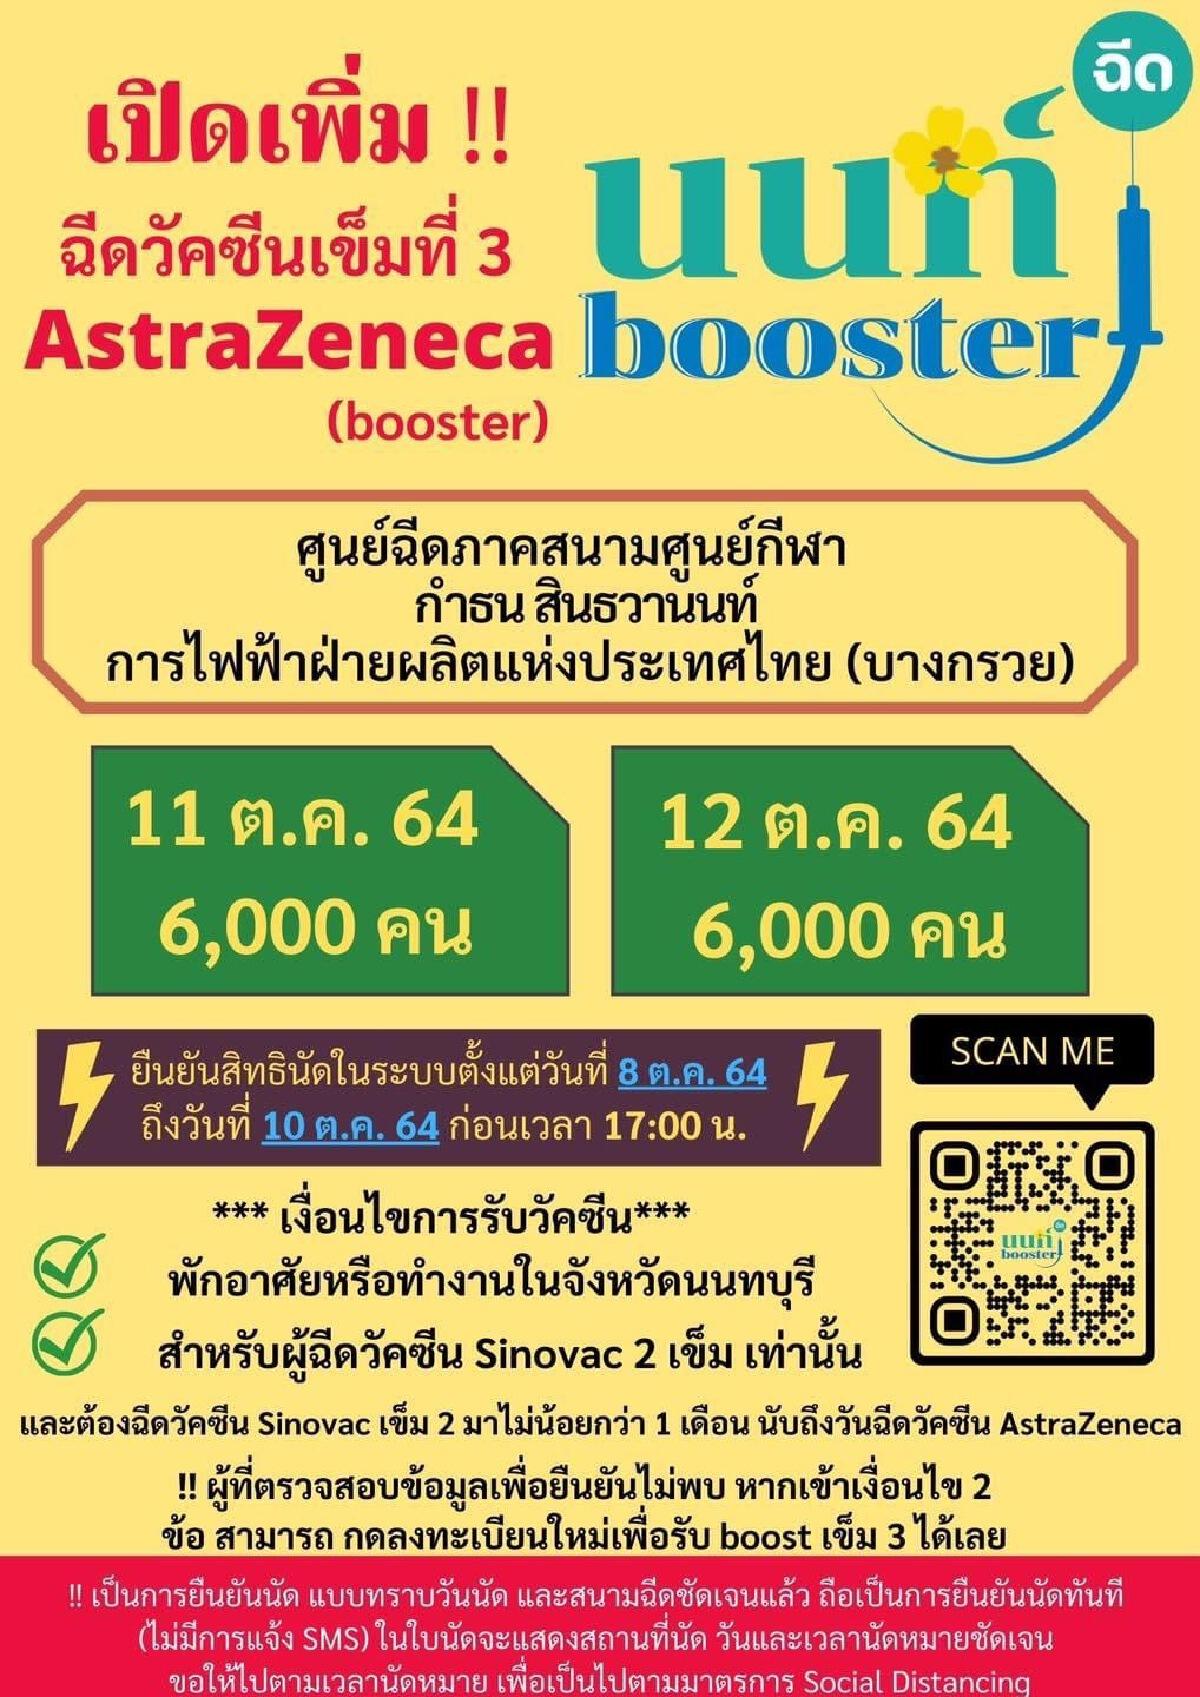 นนท์ booster จัดฉีดวัคซีนเข็ม 3 เป็น AsteaZeneca